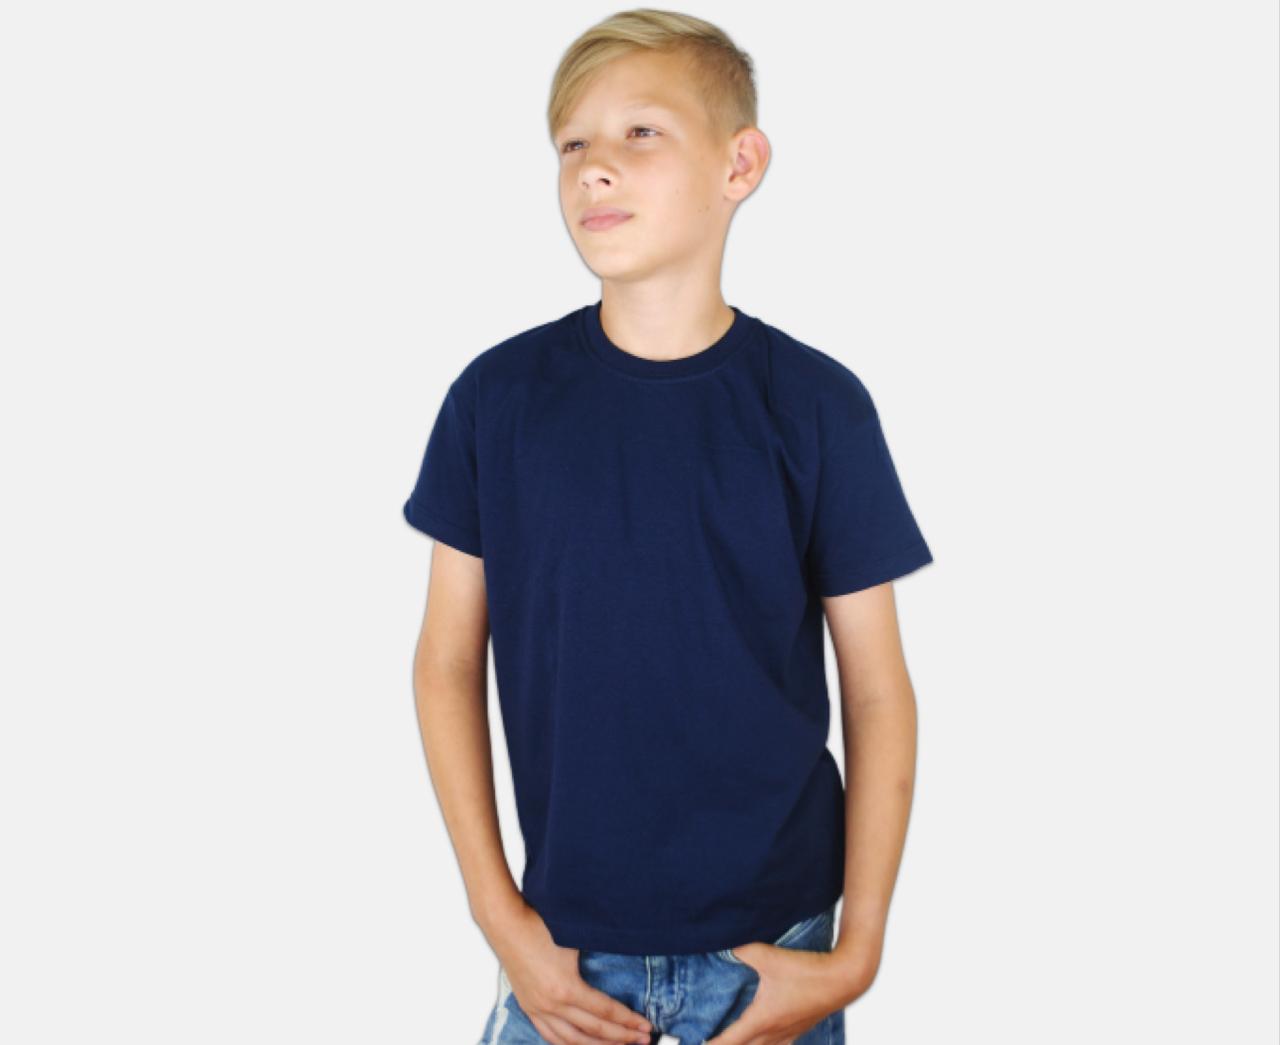 Детская Классическая Футболка для Мальчиков Глубоко тёмно-синяя Fruit of the loom 61-033-AZ 14-15